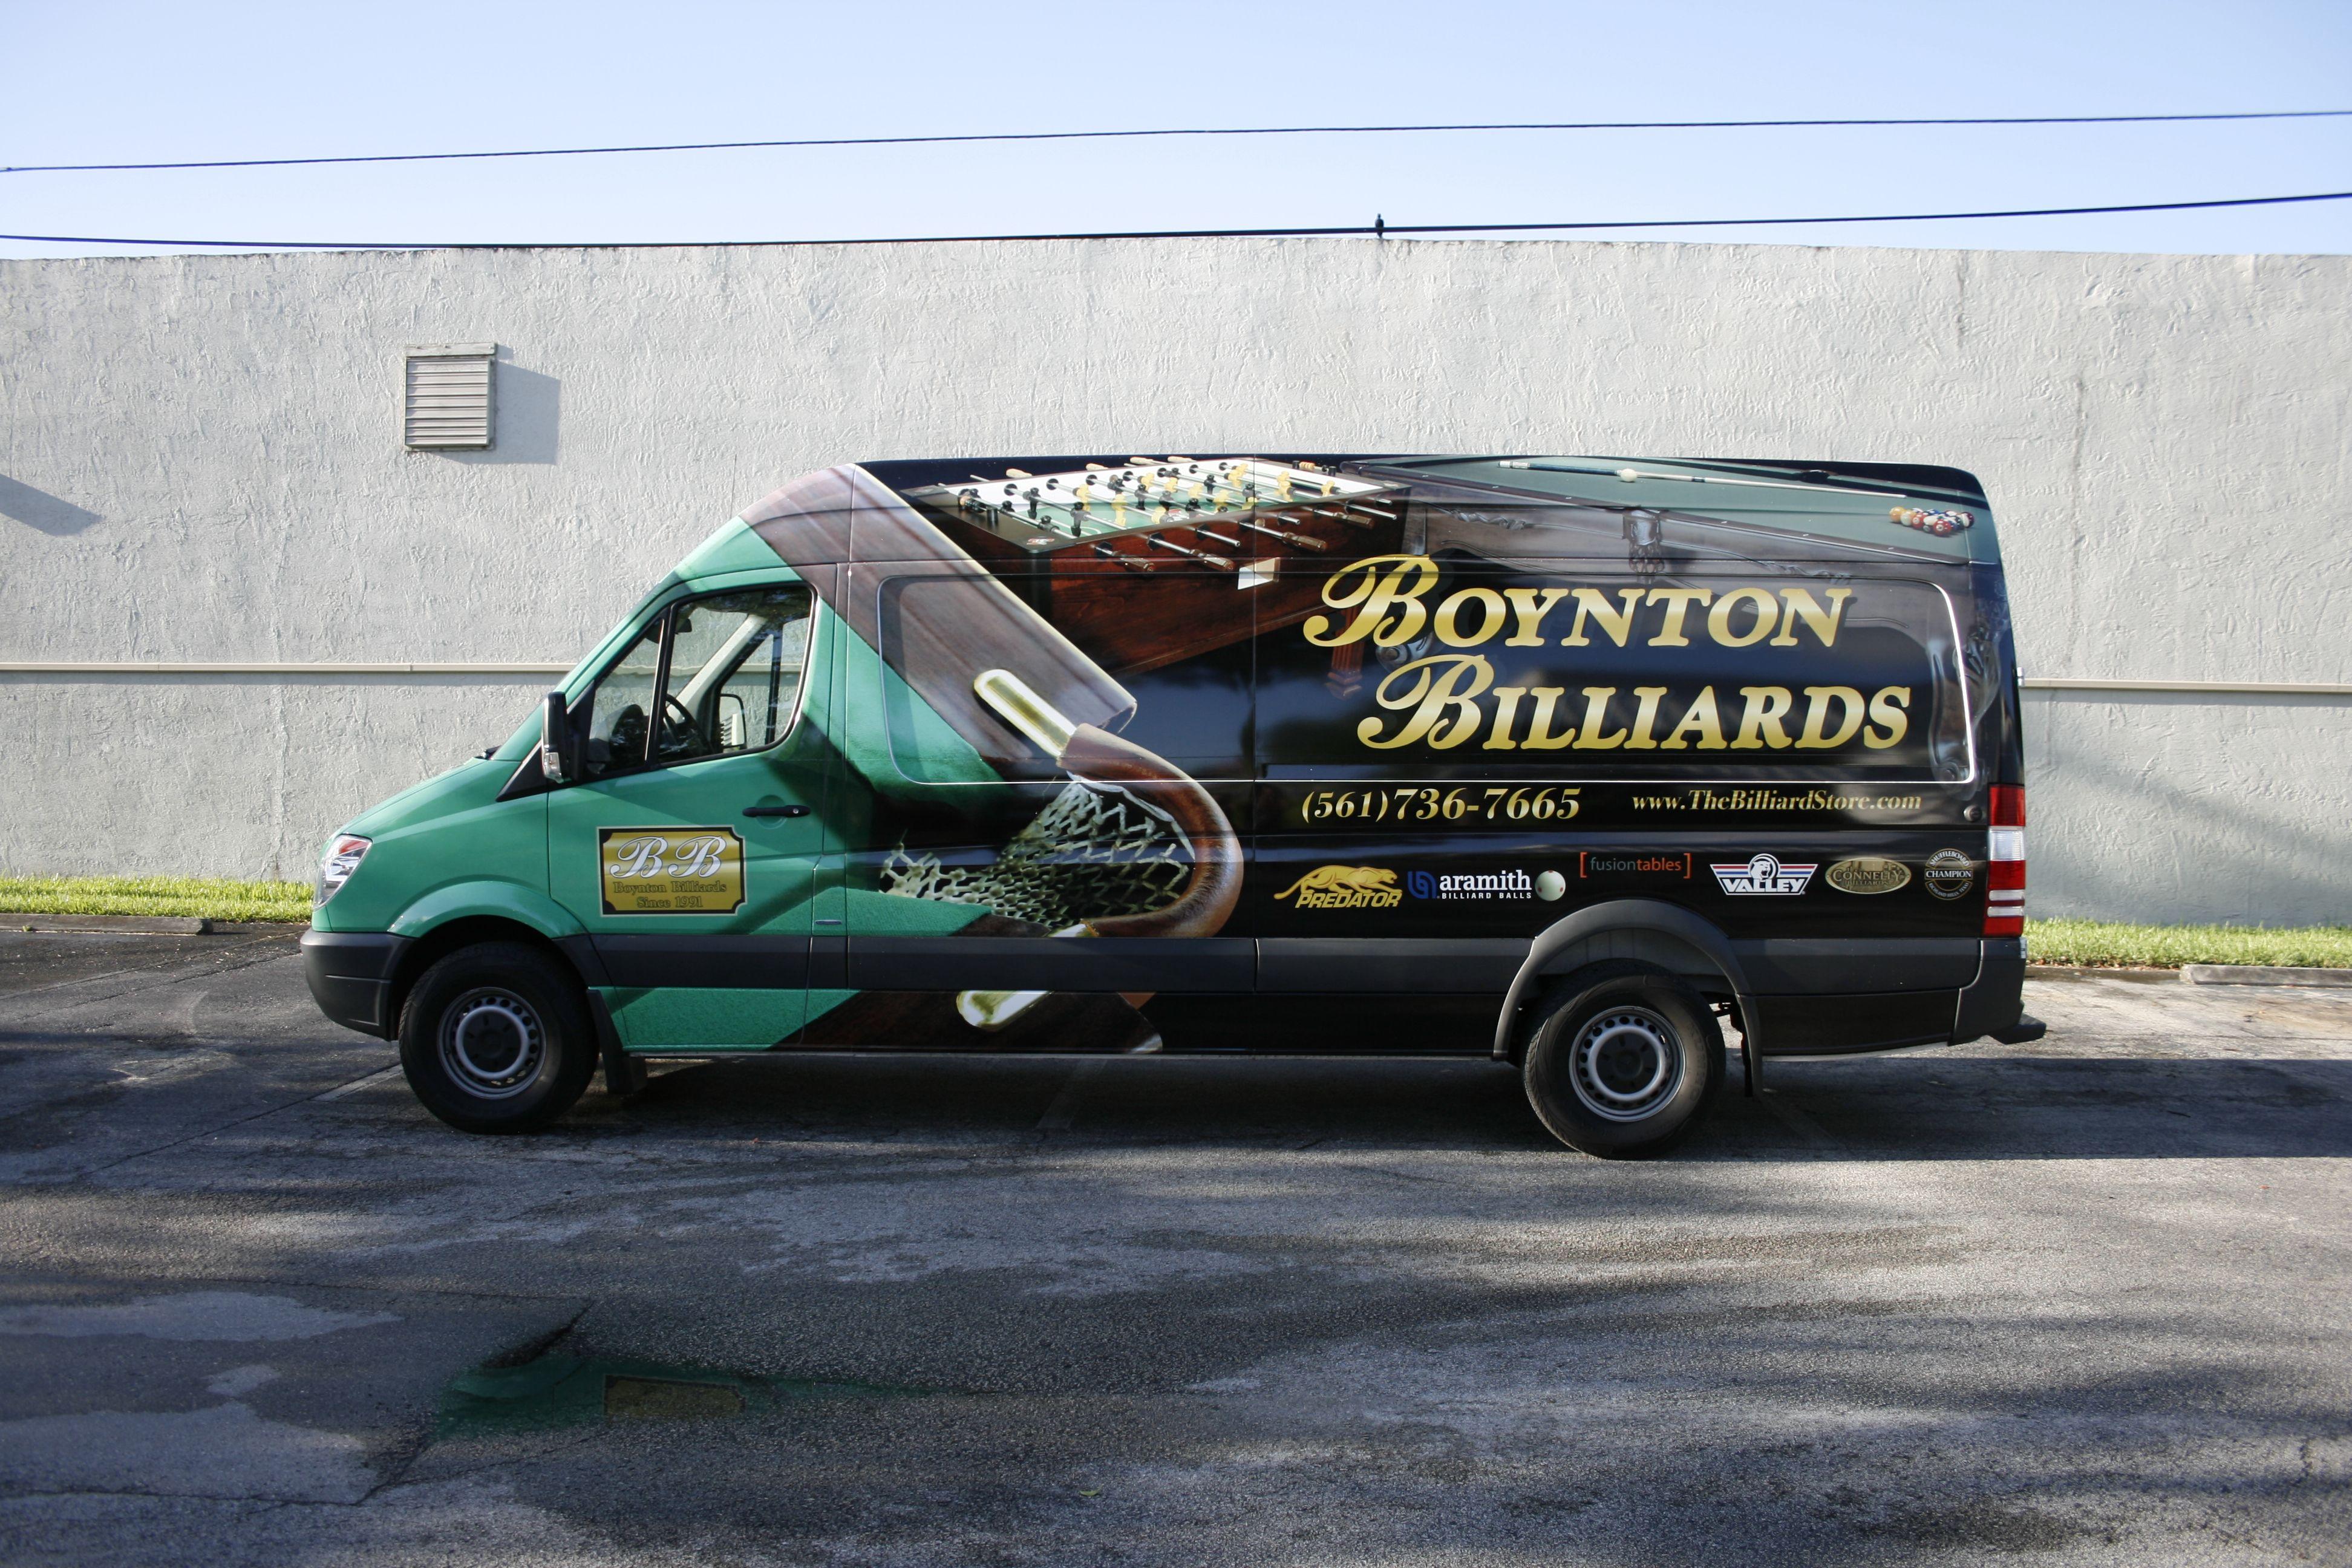 7e3ae27f27 Boynton Beach Florida Mercedes-Benz Sprinter Cargo Vinyl Vehicle Wrap  Graphics http